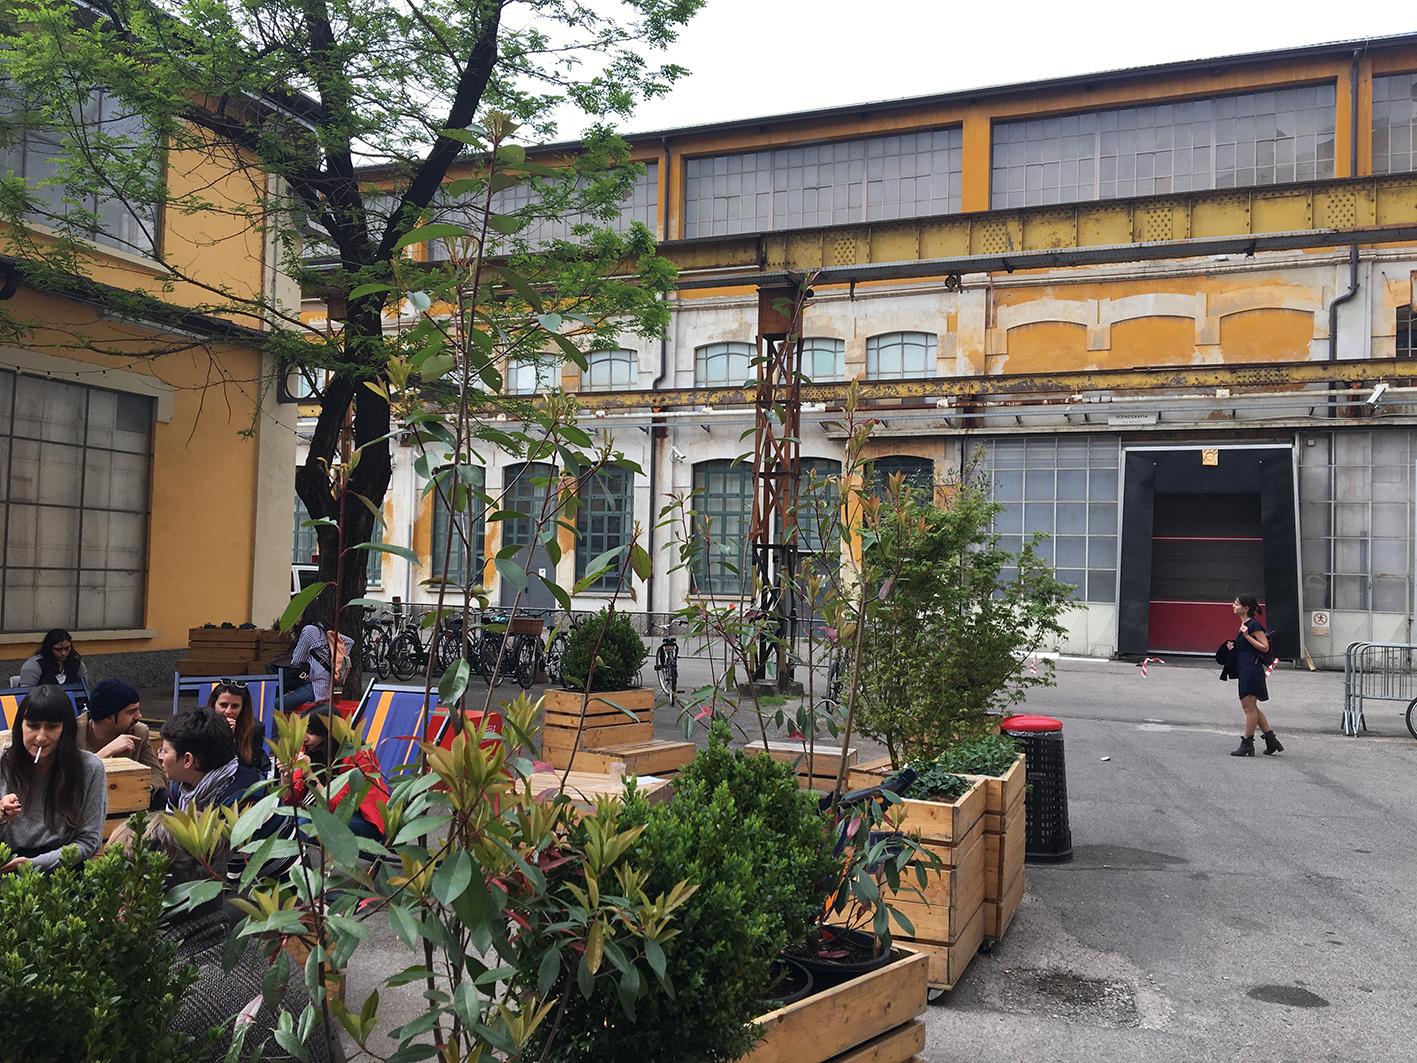 Dans une cour d'anciens batimants industriels, une terrasse de bistrot improvisée reçoit le svisiteurs de la Design Week de Milan